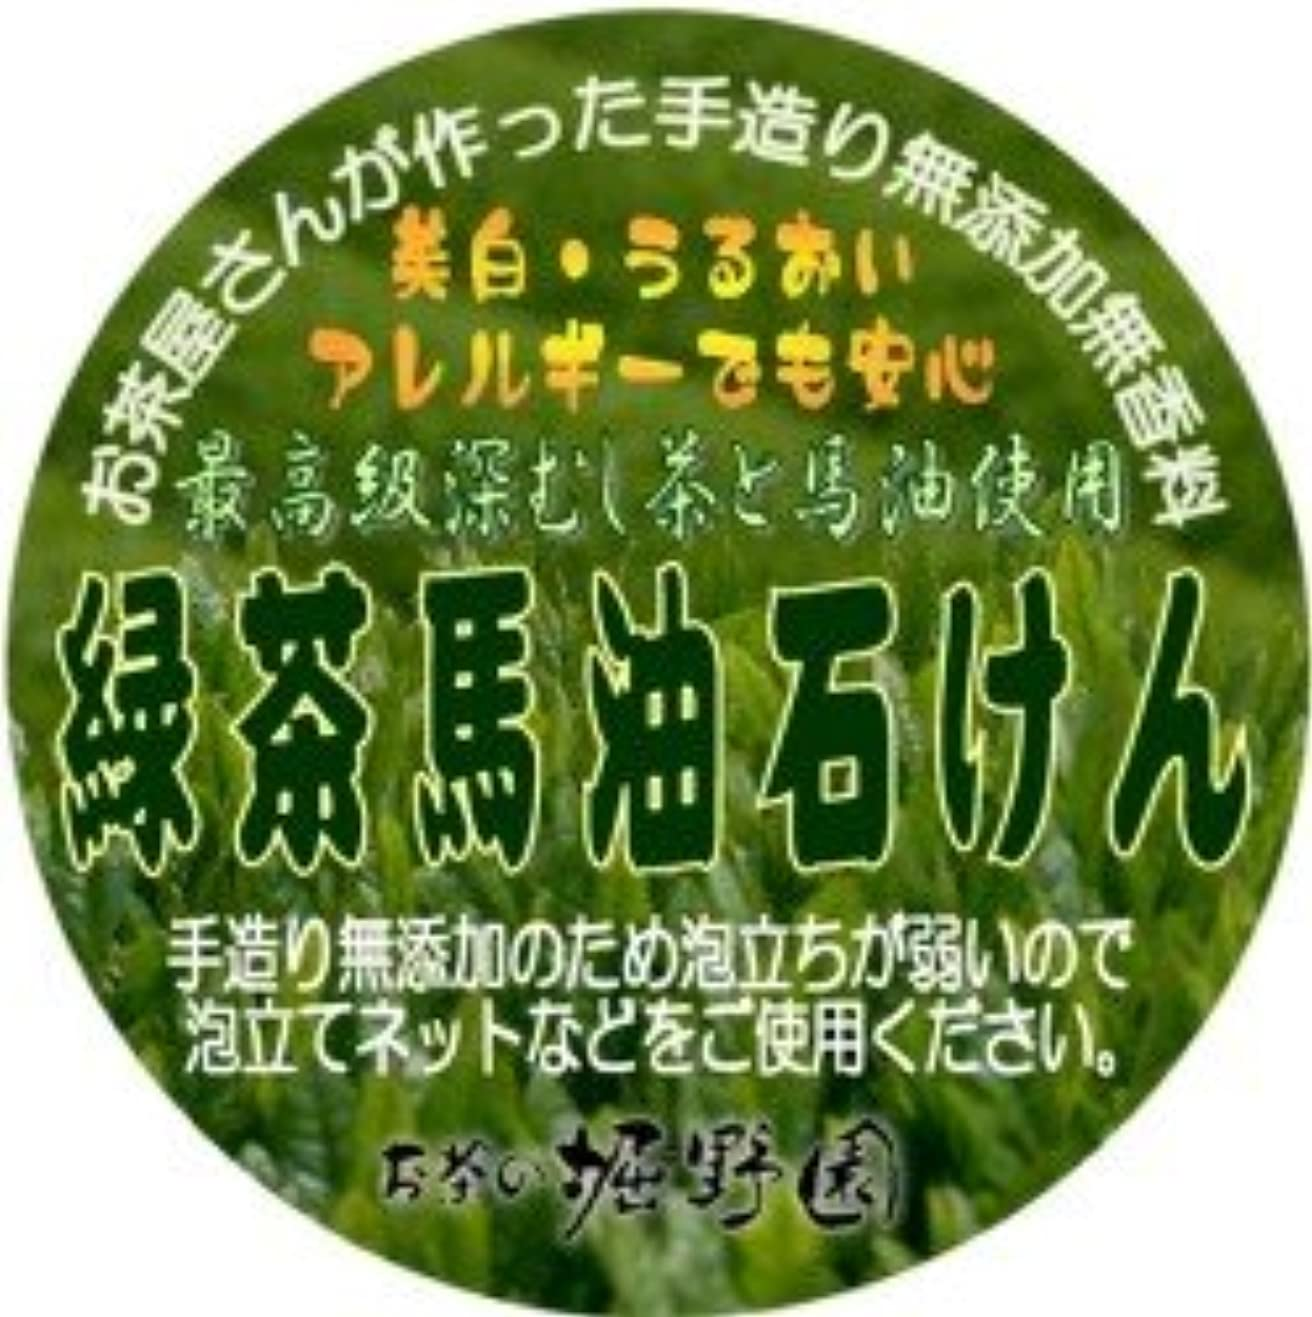 ベールガウン消える無添加無着色 緑茶馬油石けん(アトピー?弱肌の方のご愛用が非常に多い商品です)